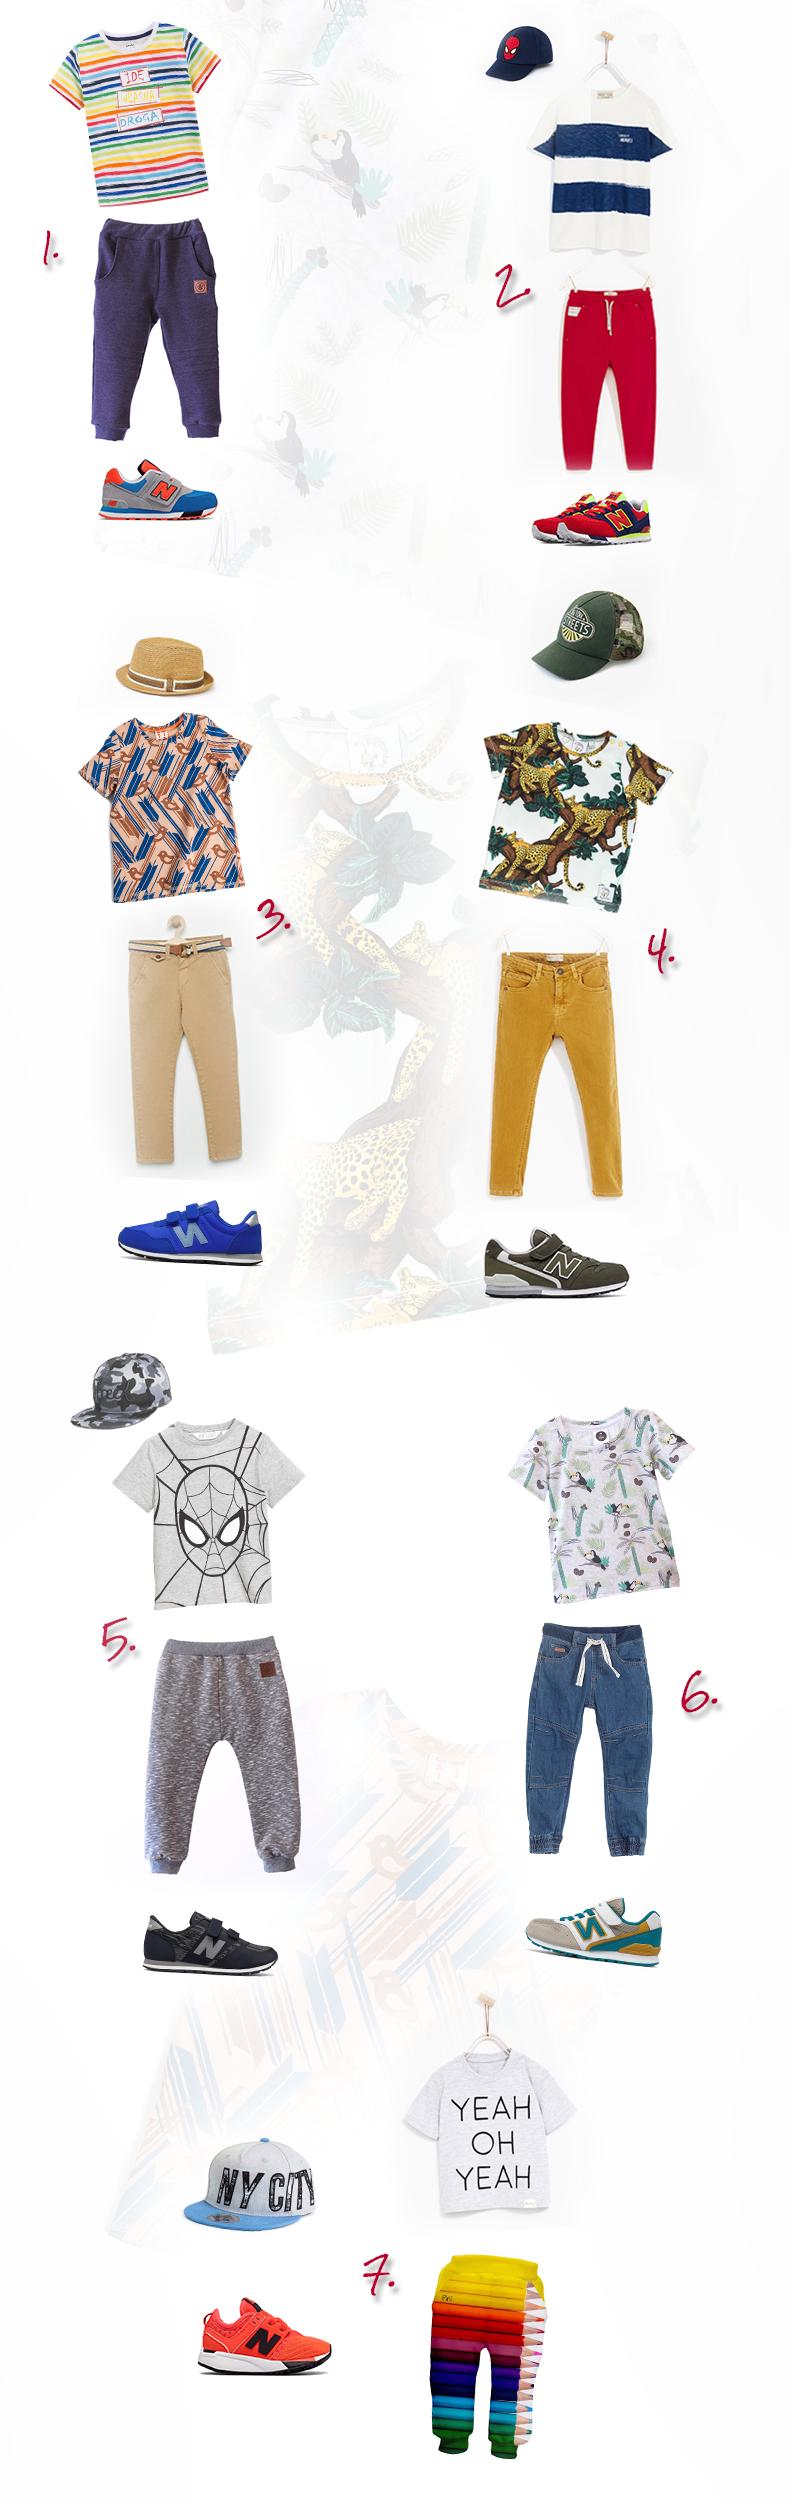 dobrej jakości ubrania dla dziecka